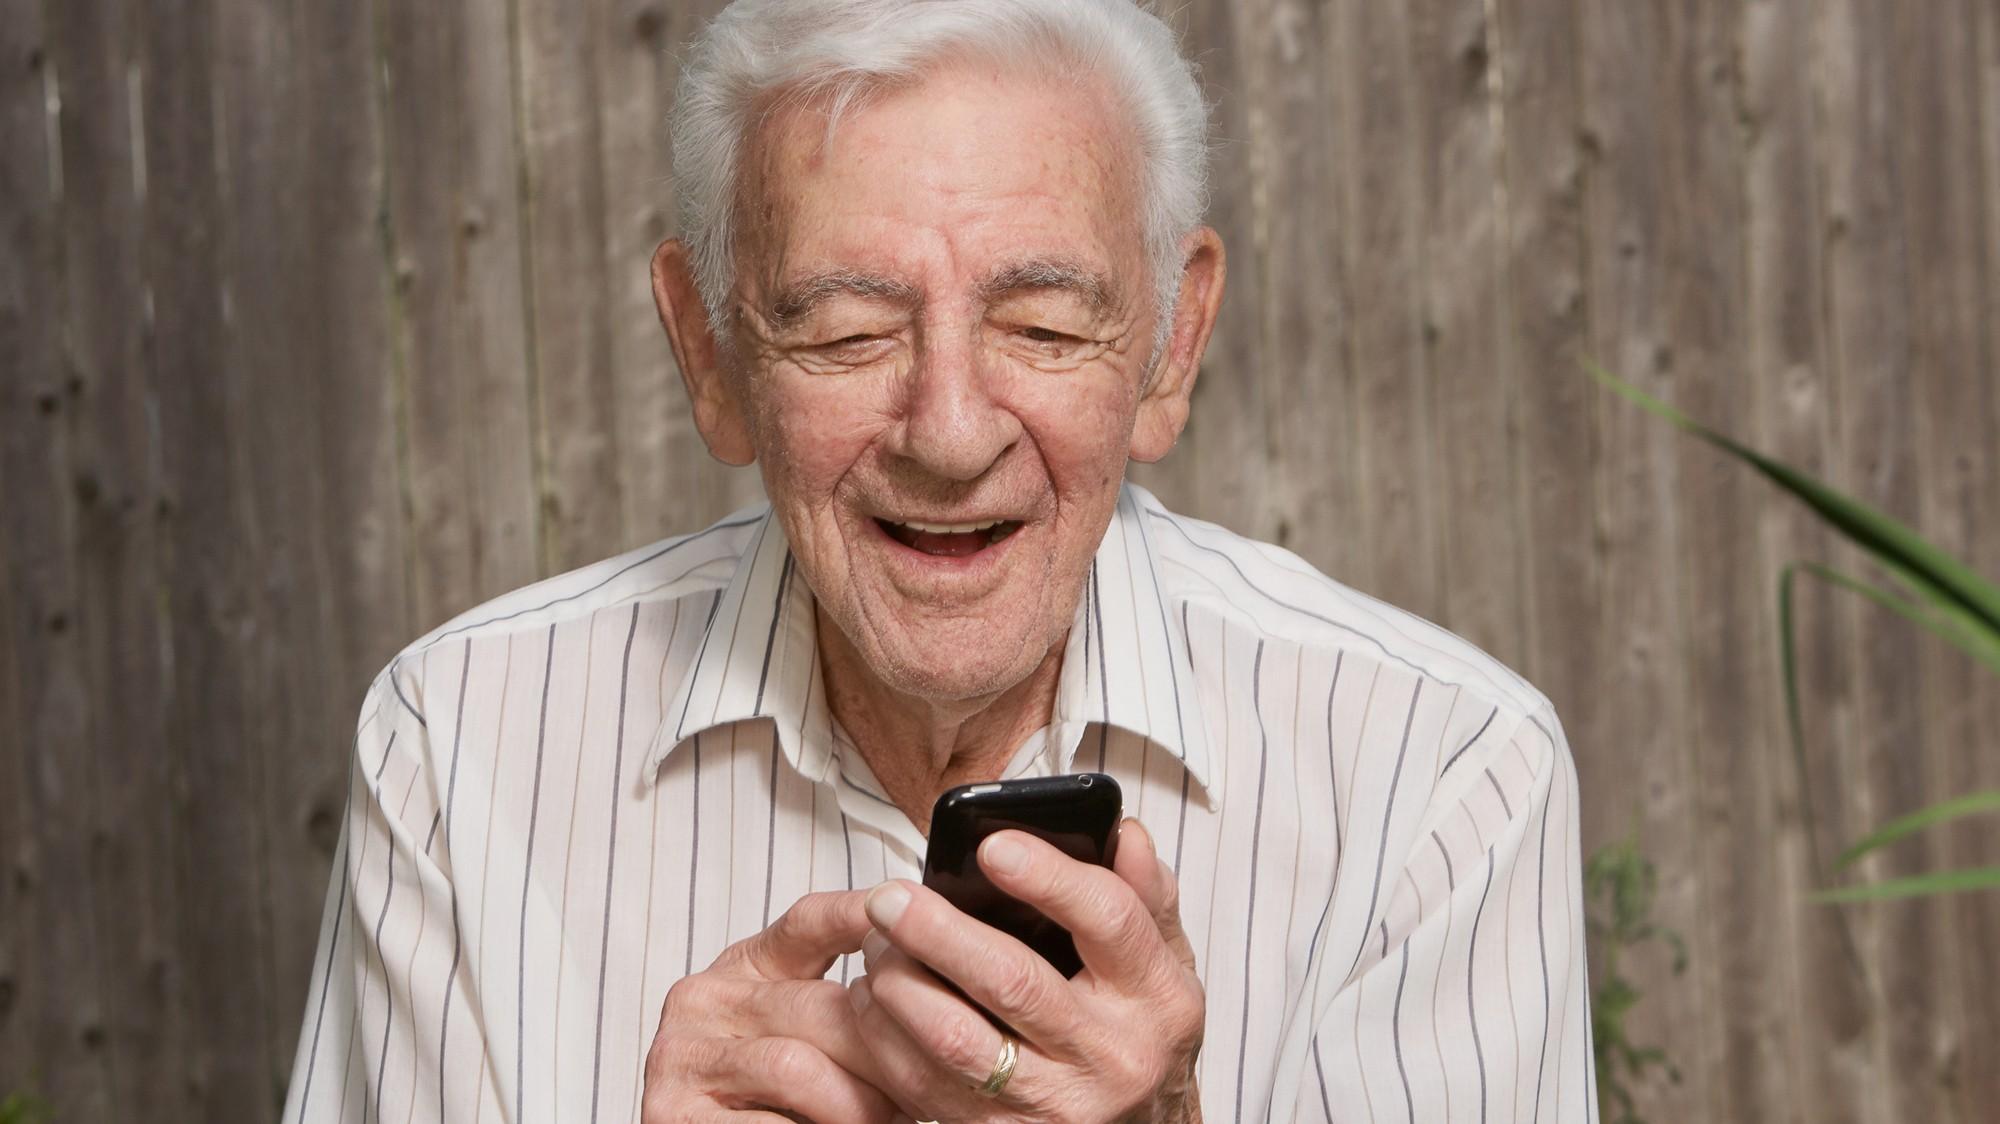 История Ленни, любимого интернетом тролля телефонных спамеров - 1